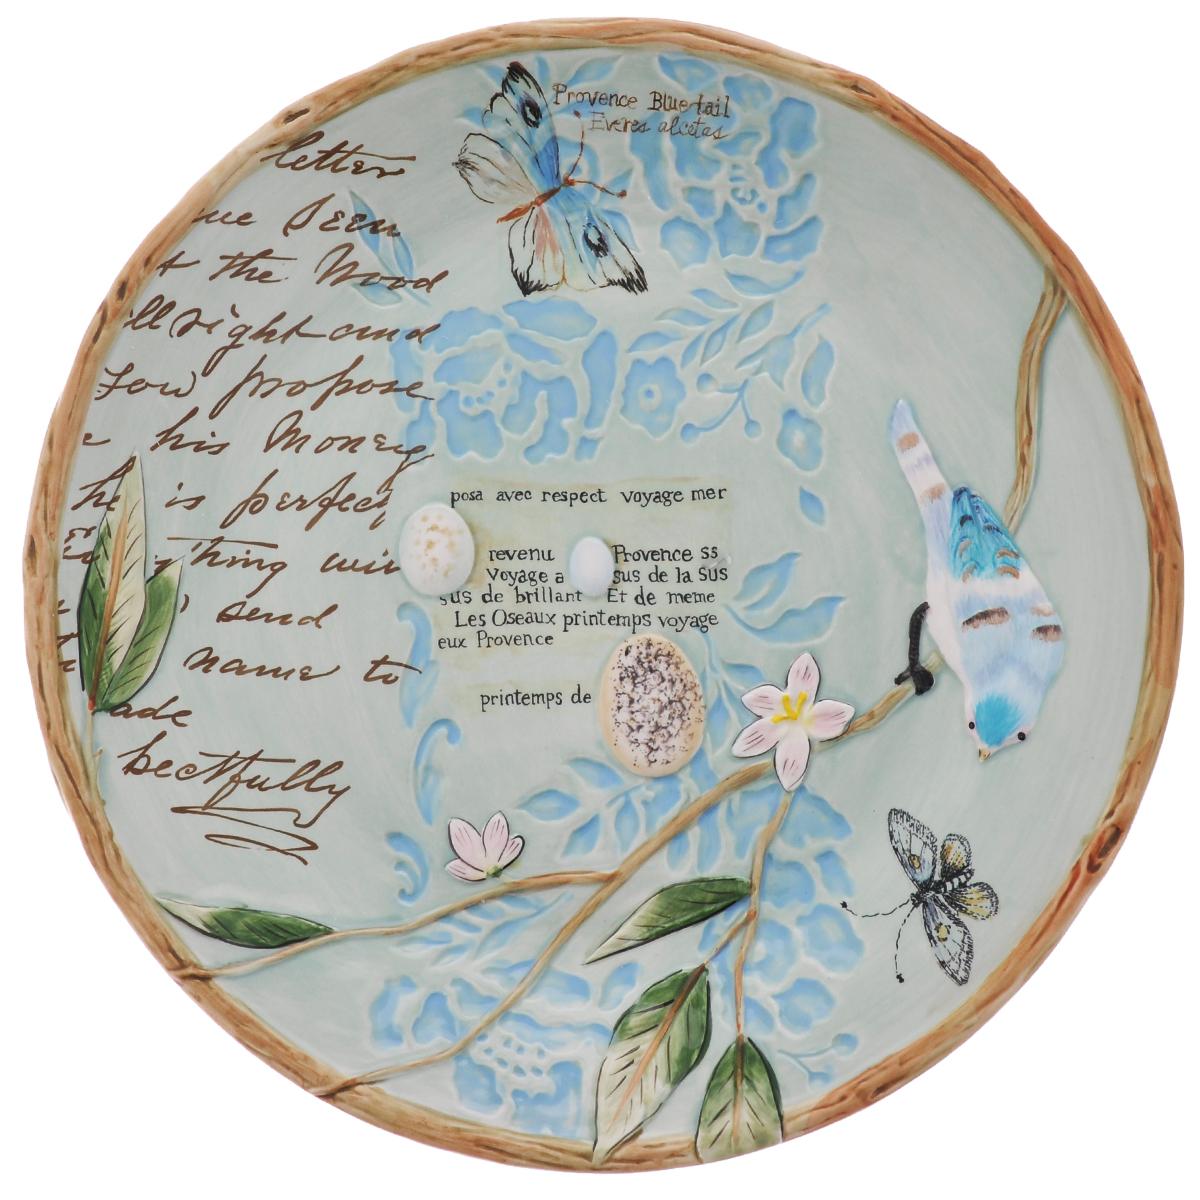 Блюдо круглое Fitz and Floyd Toulouse, диаметр 34 см20-487Круглое блюдо Fitz and Floyd Toulouse изготовлено из высококачественной керамики и декорировано рельефным изображением цветов и птиц. Такое оригинальное блюдо идеально подойдет для красивой сервировки стола. Рекомендуется мыть вручную с использованием неабразивных моющих средств. Размер блюда: 34 см х 34 см х 3,7 см.